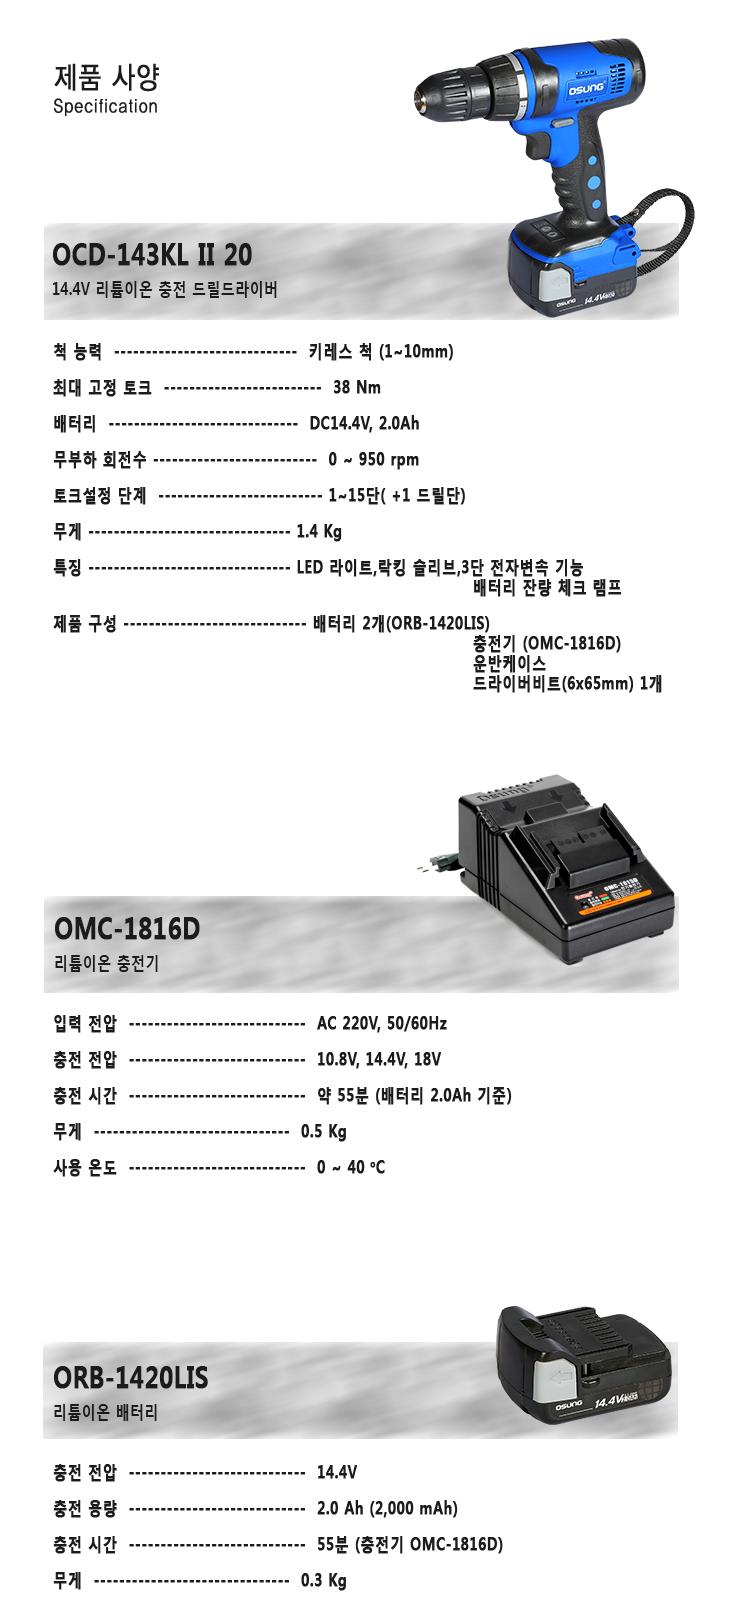 (주)오에스씨 충전 드릴드라이버, 14.4V,2.0Ah OCD-143KL II 20 3